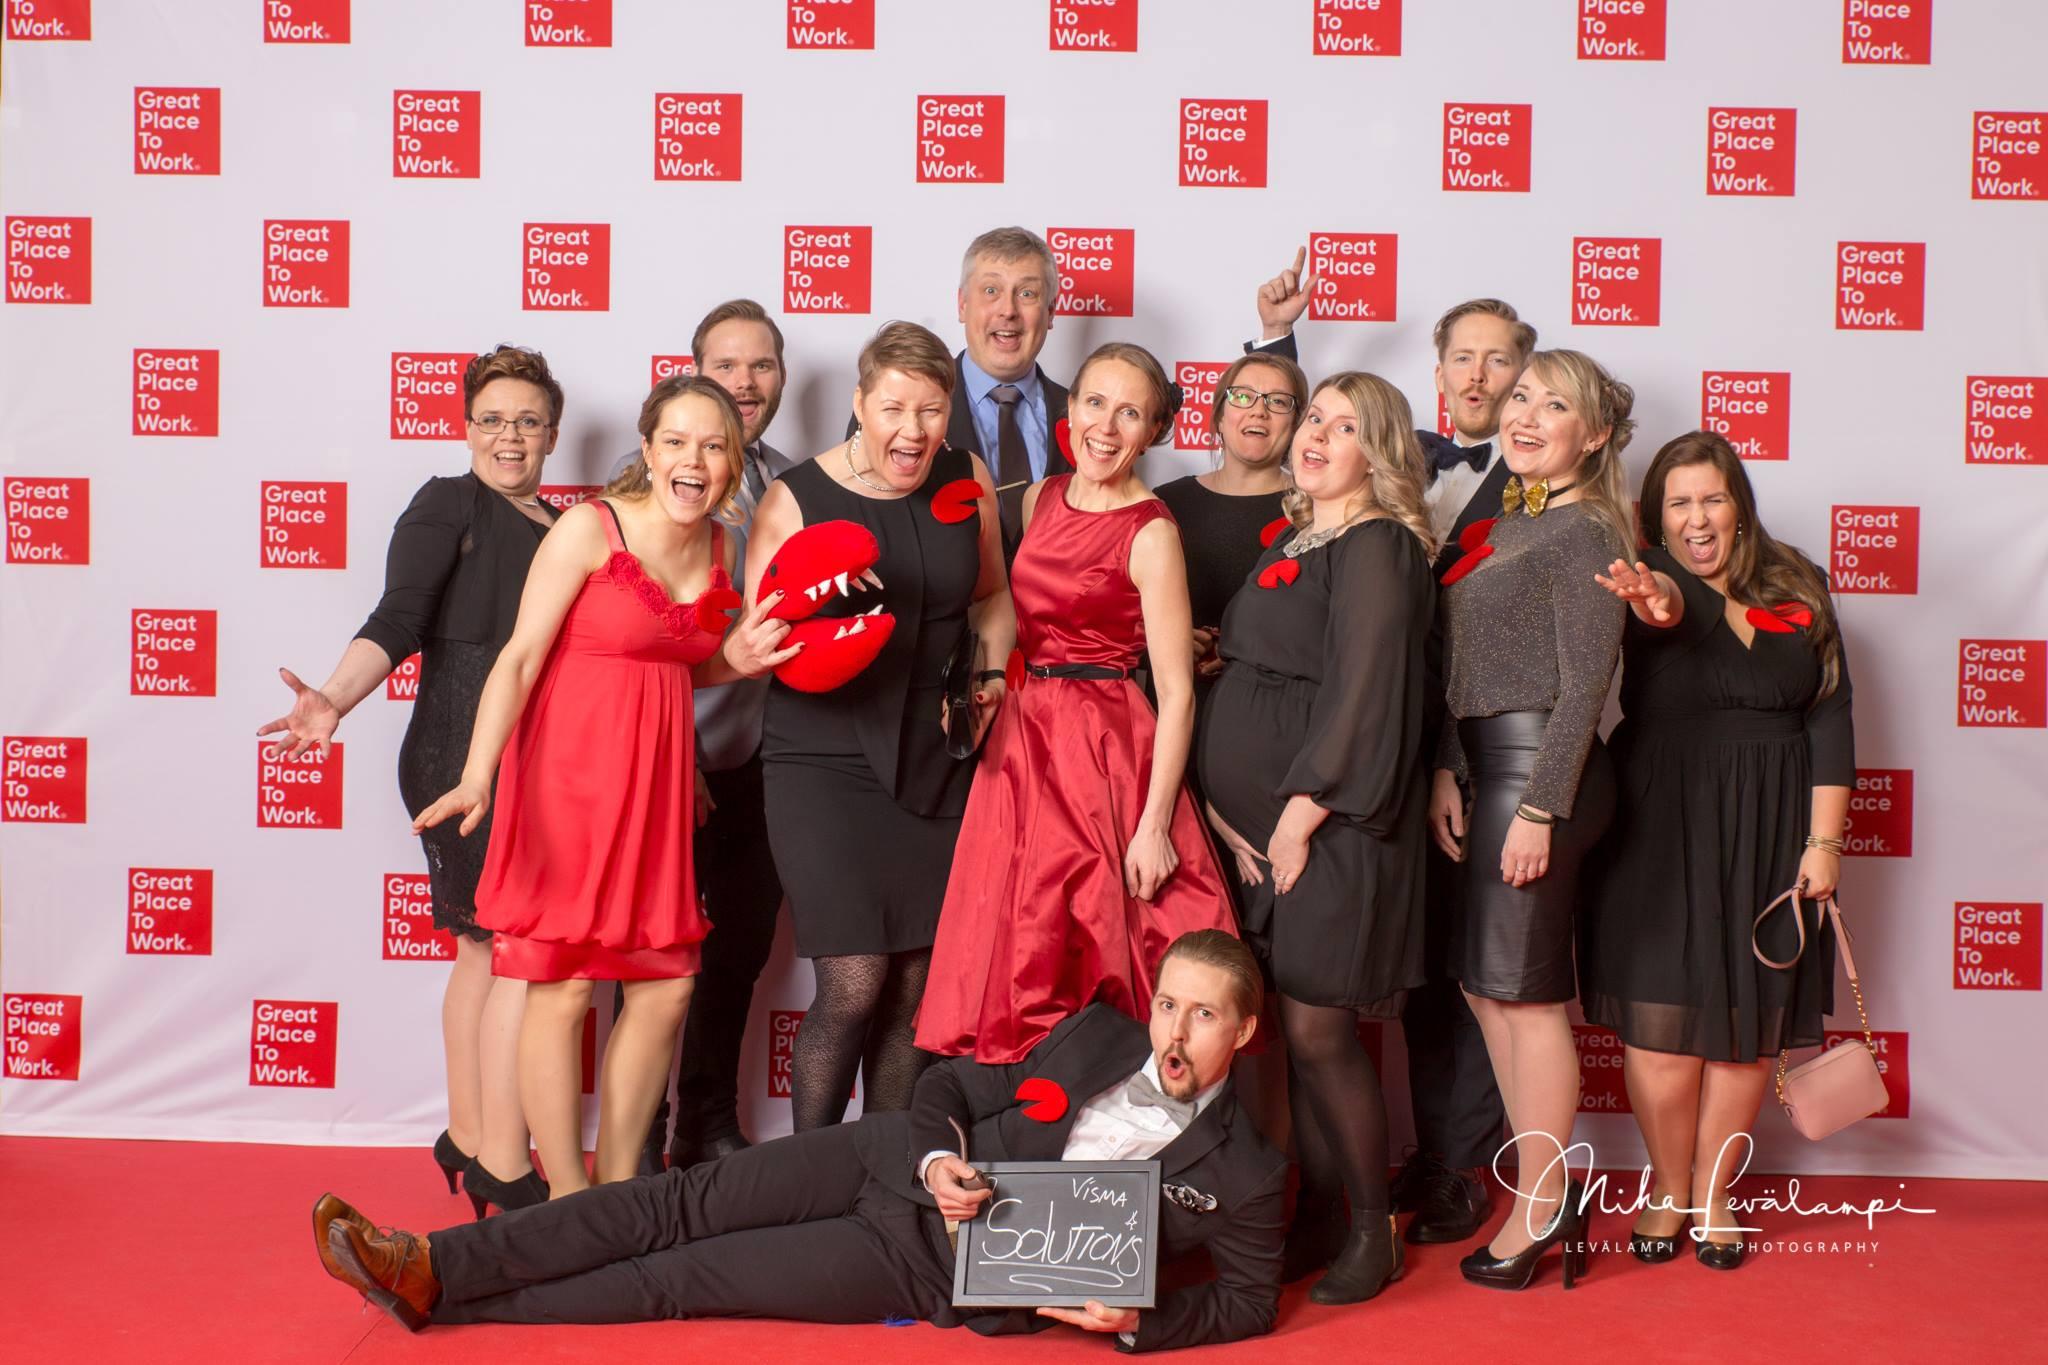 Visma Solutions yksi Suomen parhaista työpaikoista